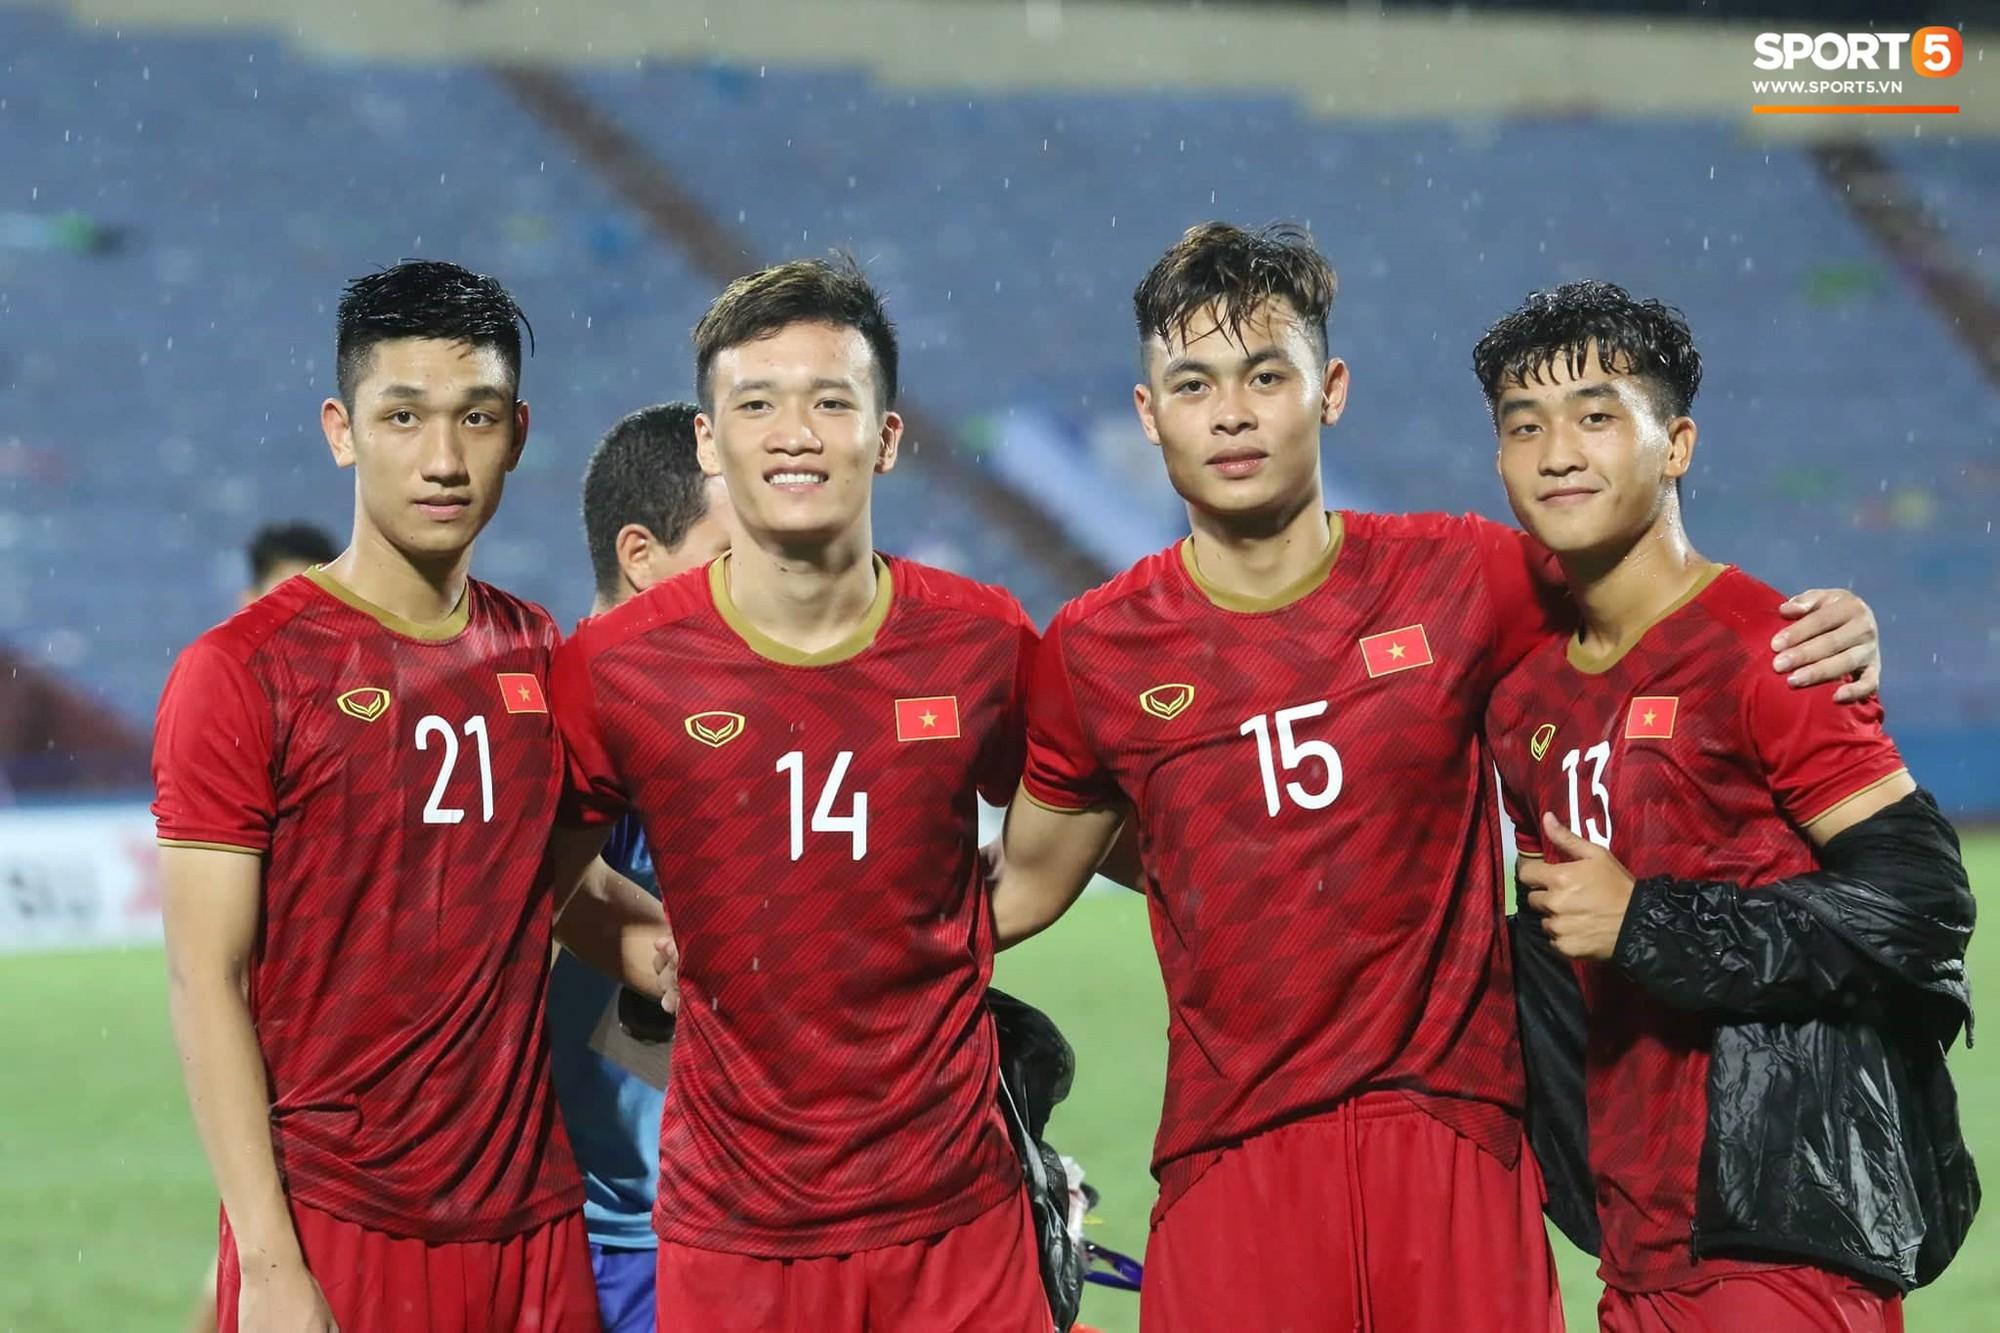 Hình ảnh cảm động: U23 Việt Nam đội mưa đi khắp khán đài cảm ơn người hâm mộ sau trận thắng U23 Myanmar-11